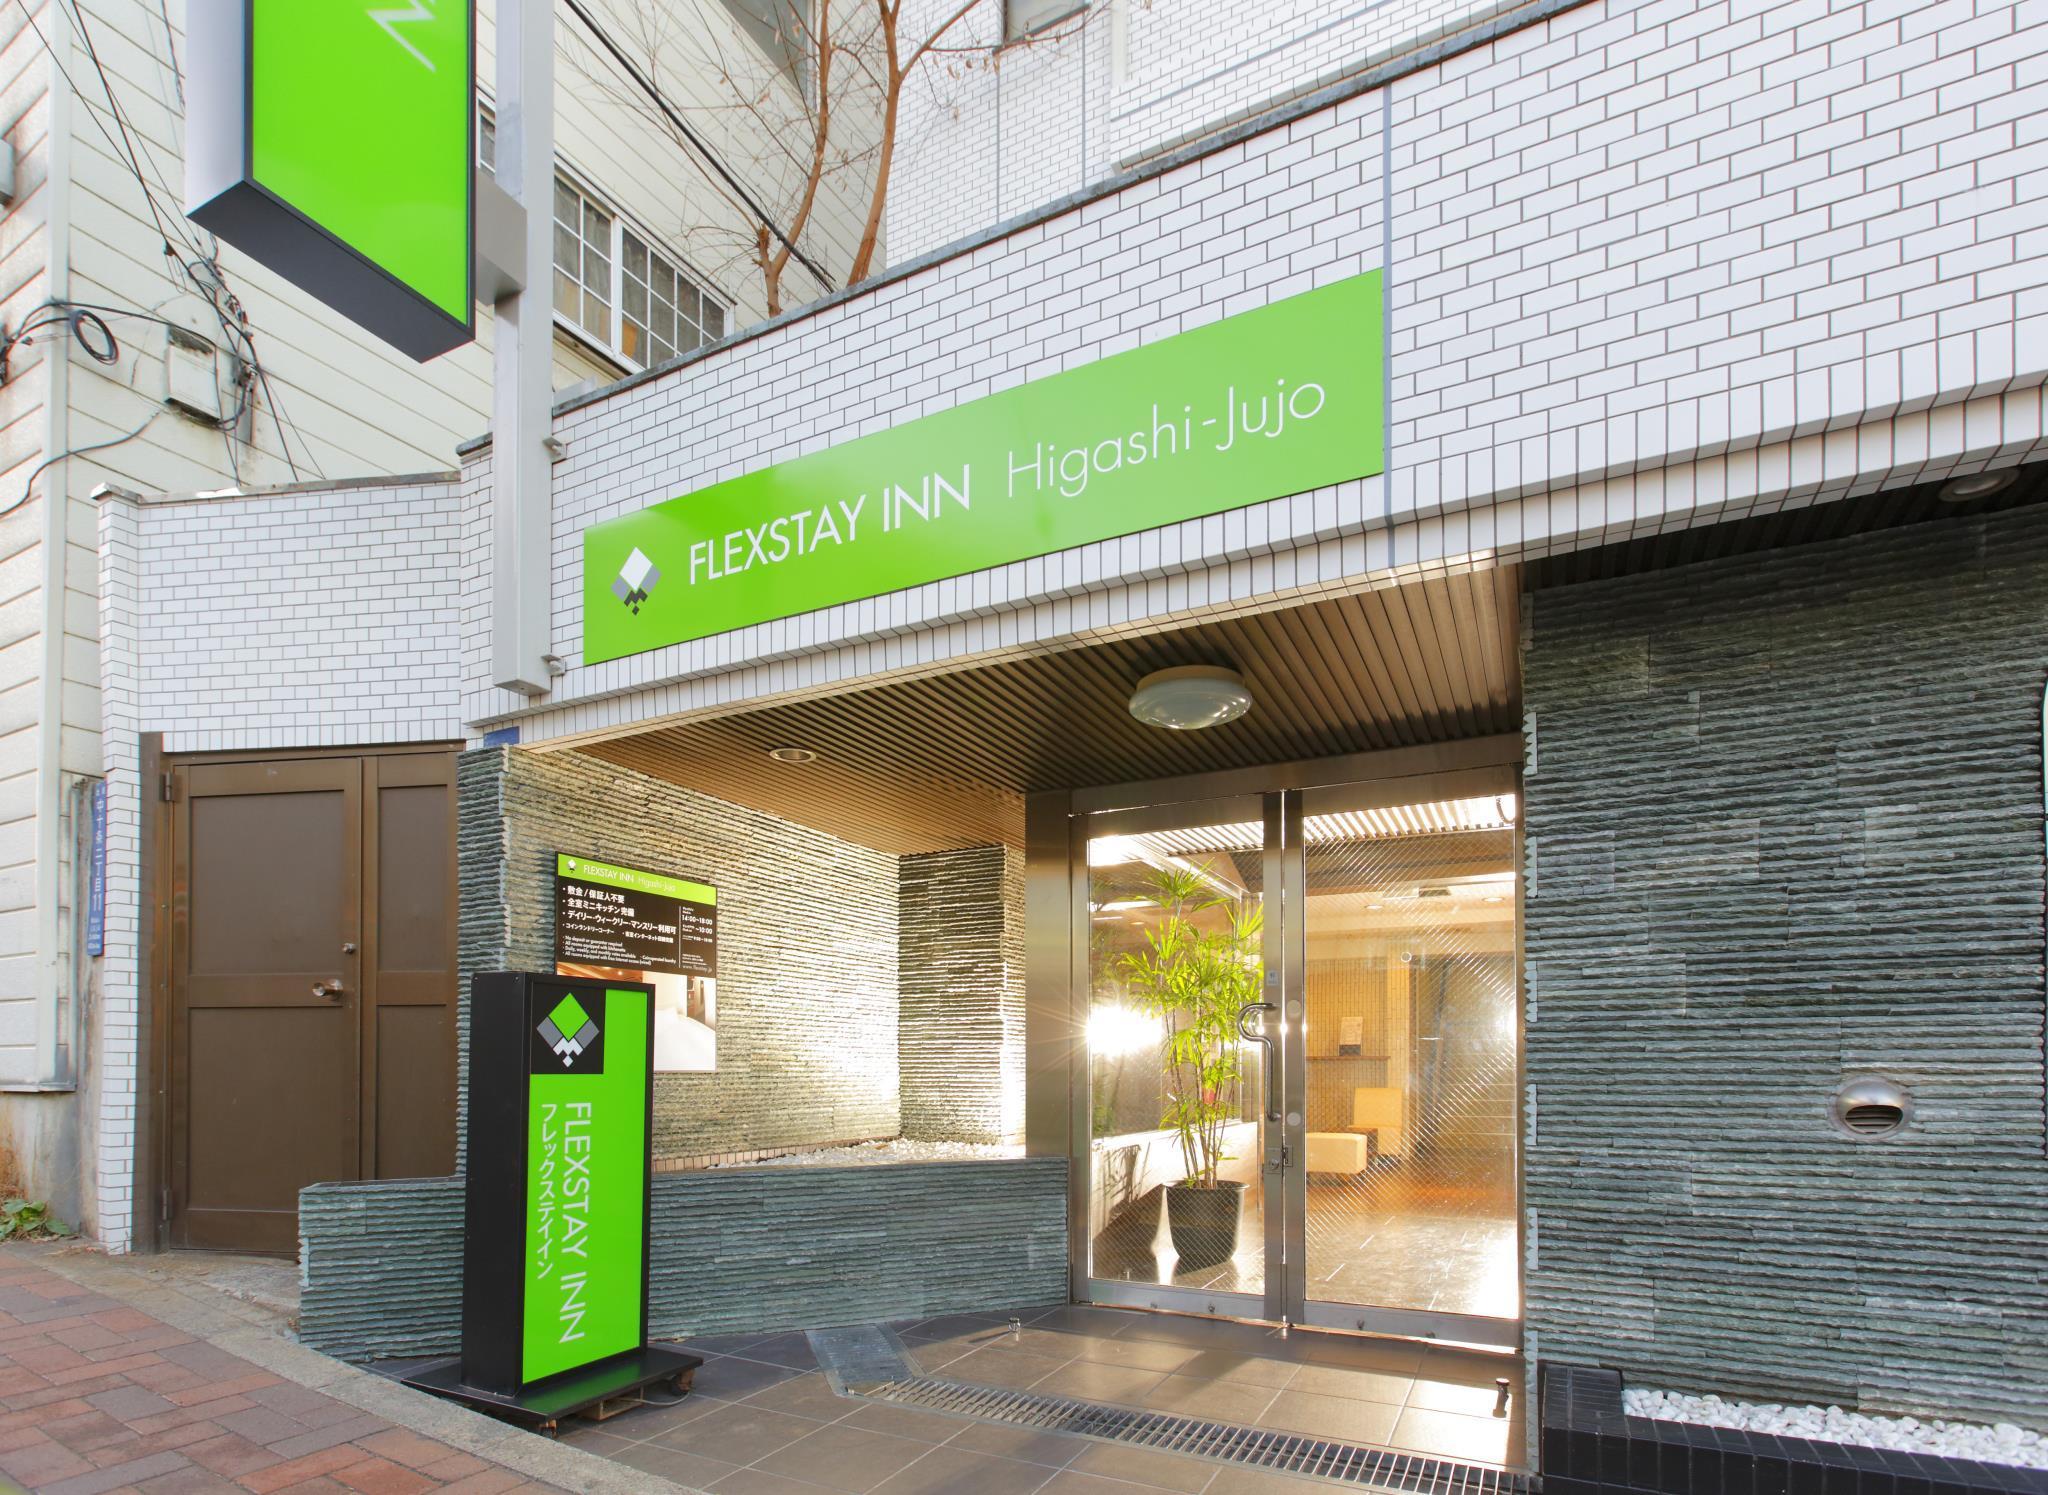 FLEXSTAY INN Higashi-Jujo,Nishi-Nippori Station